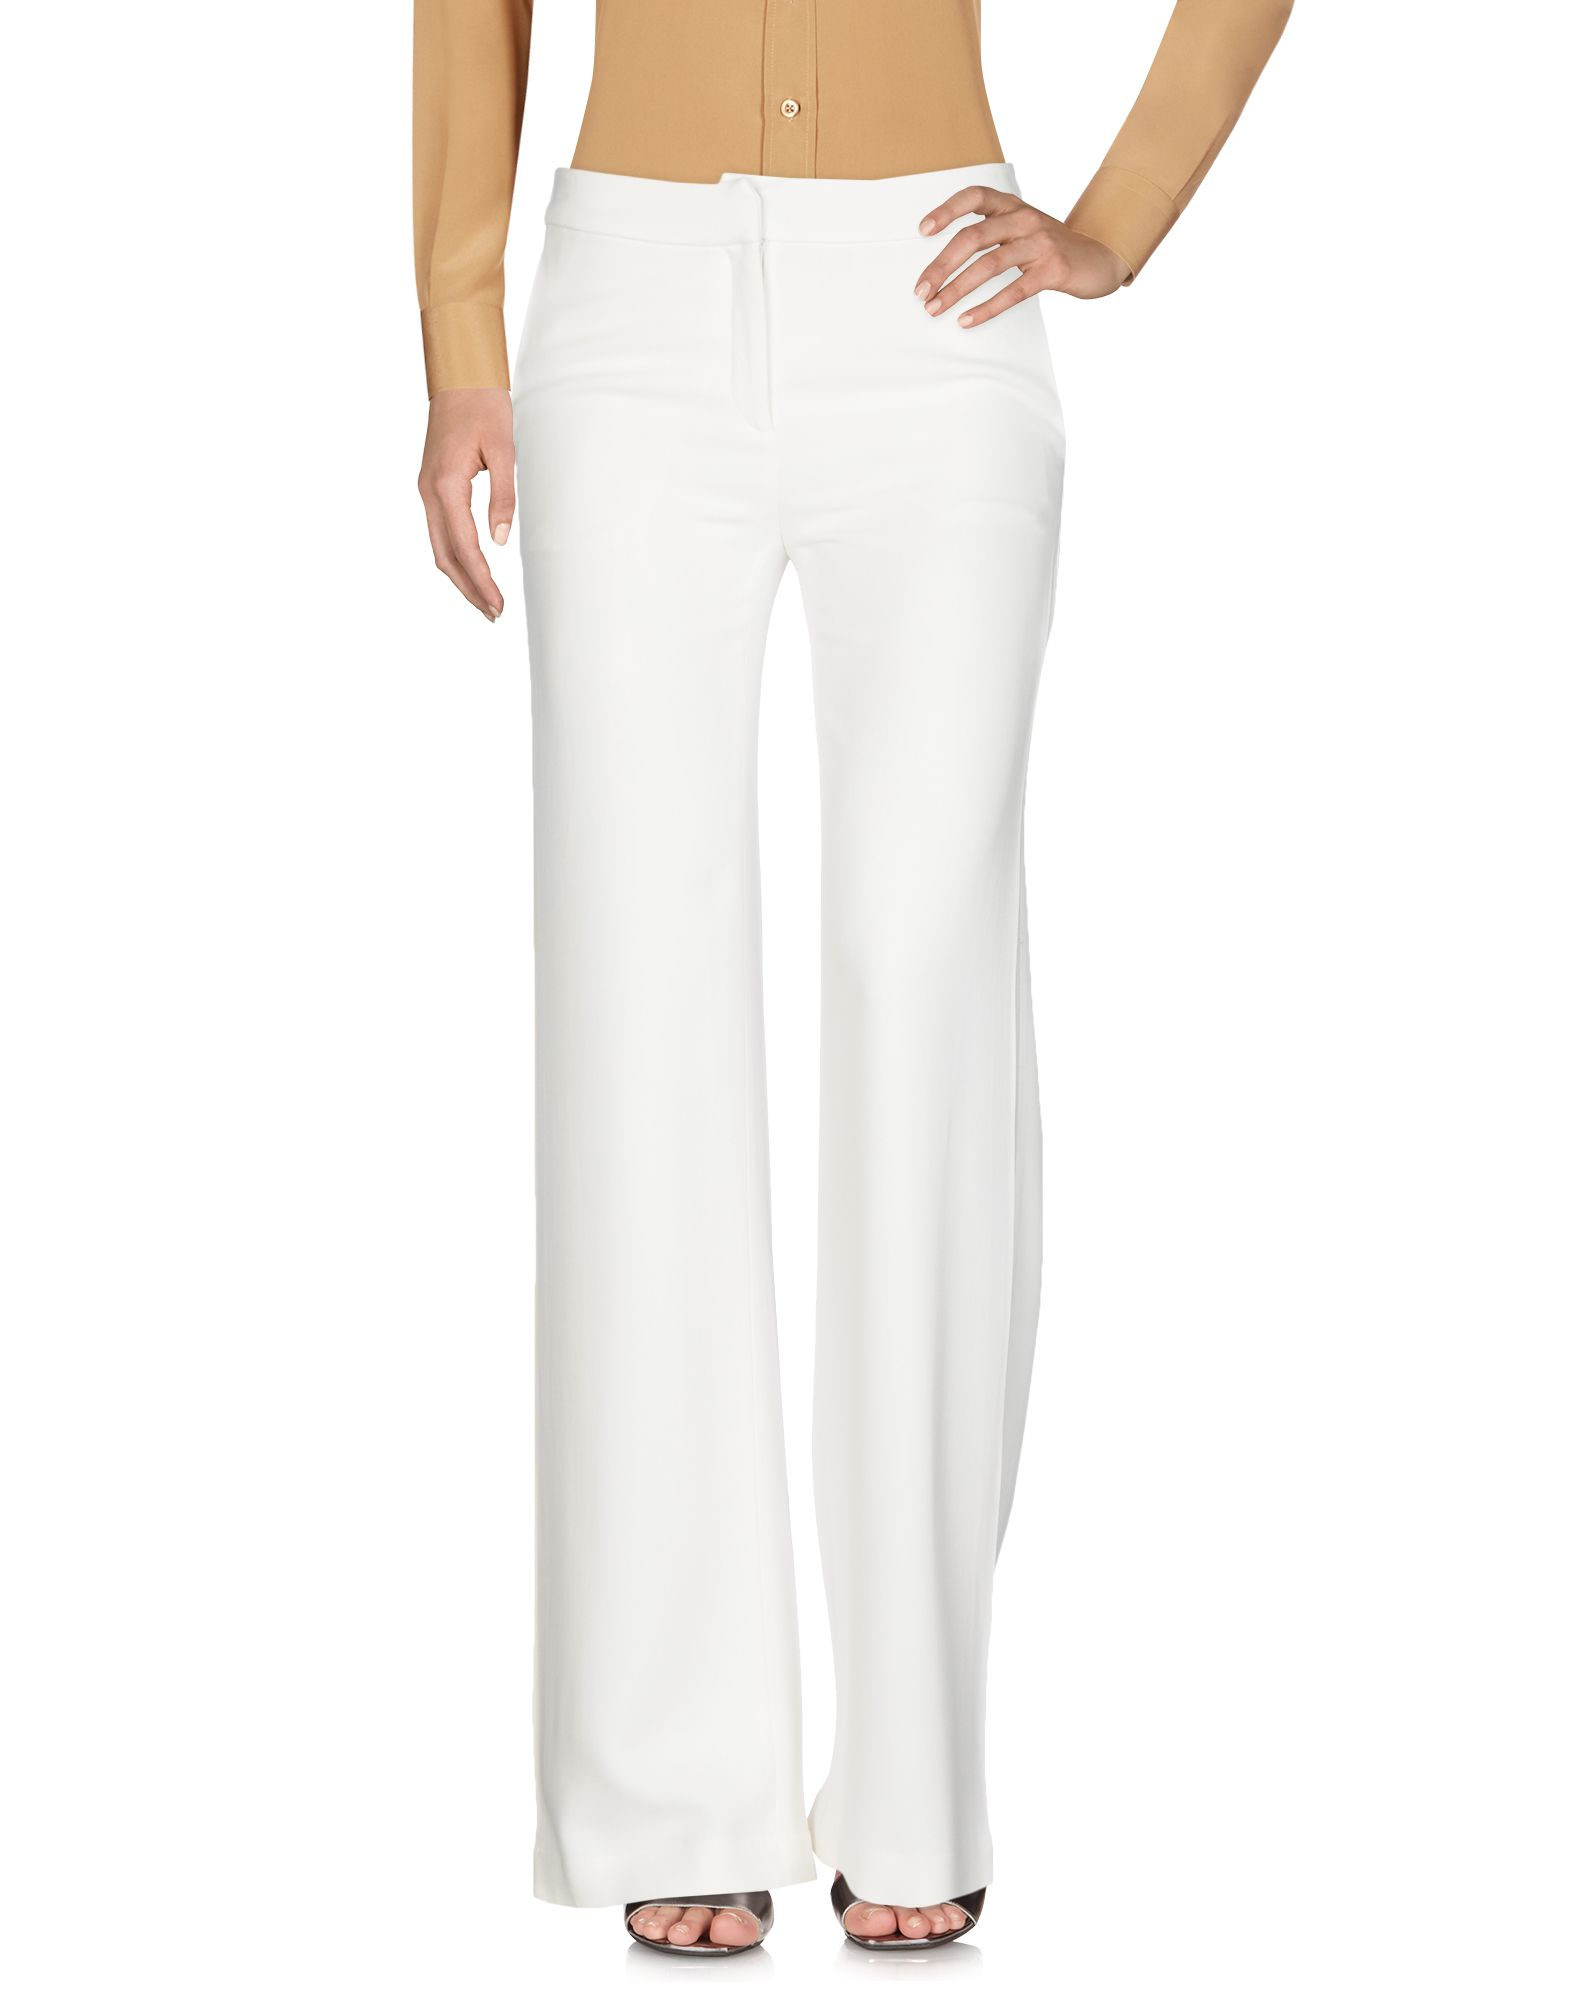 цены на GIANLUCA CAPANNOLO Повседневные брюки в интернет-магазинах